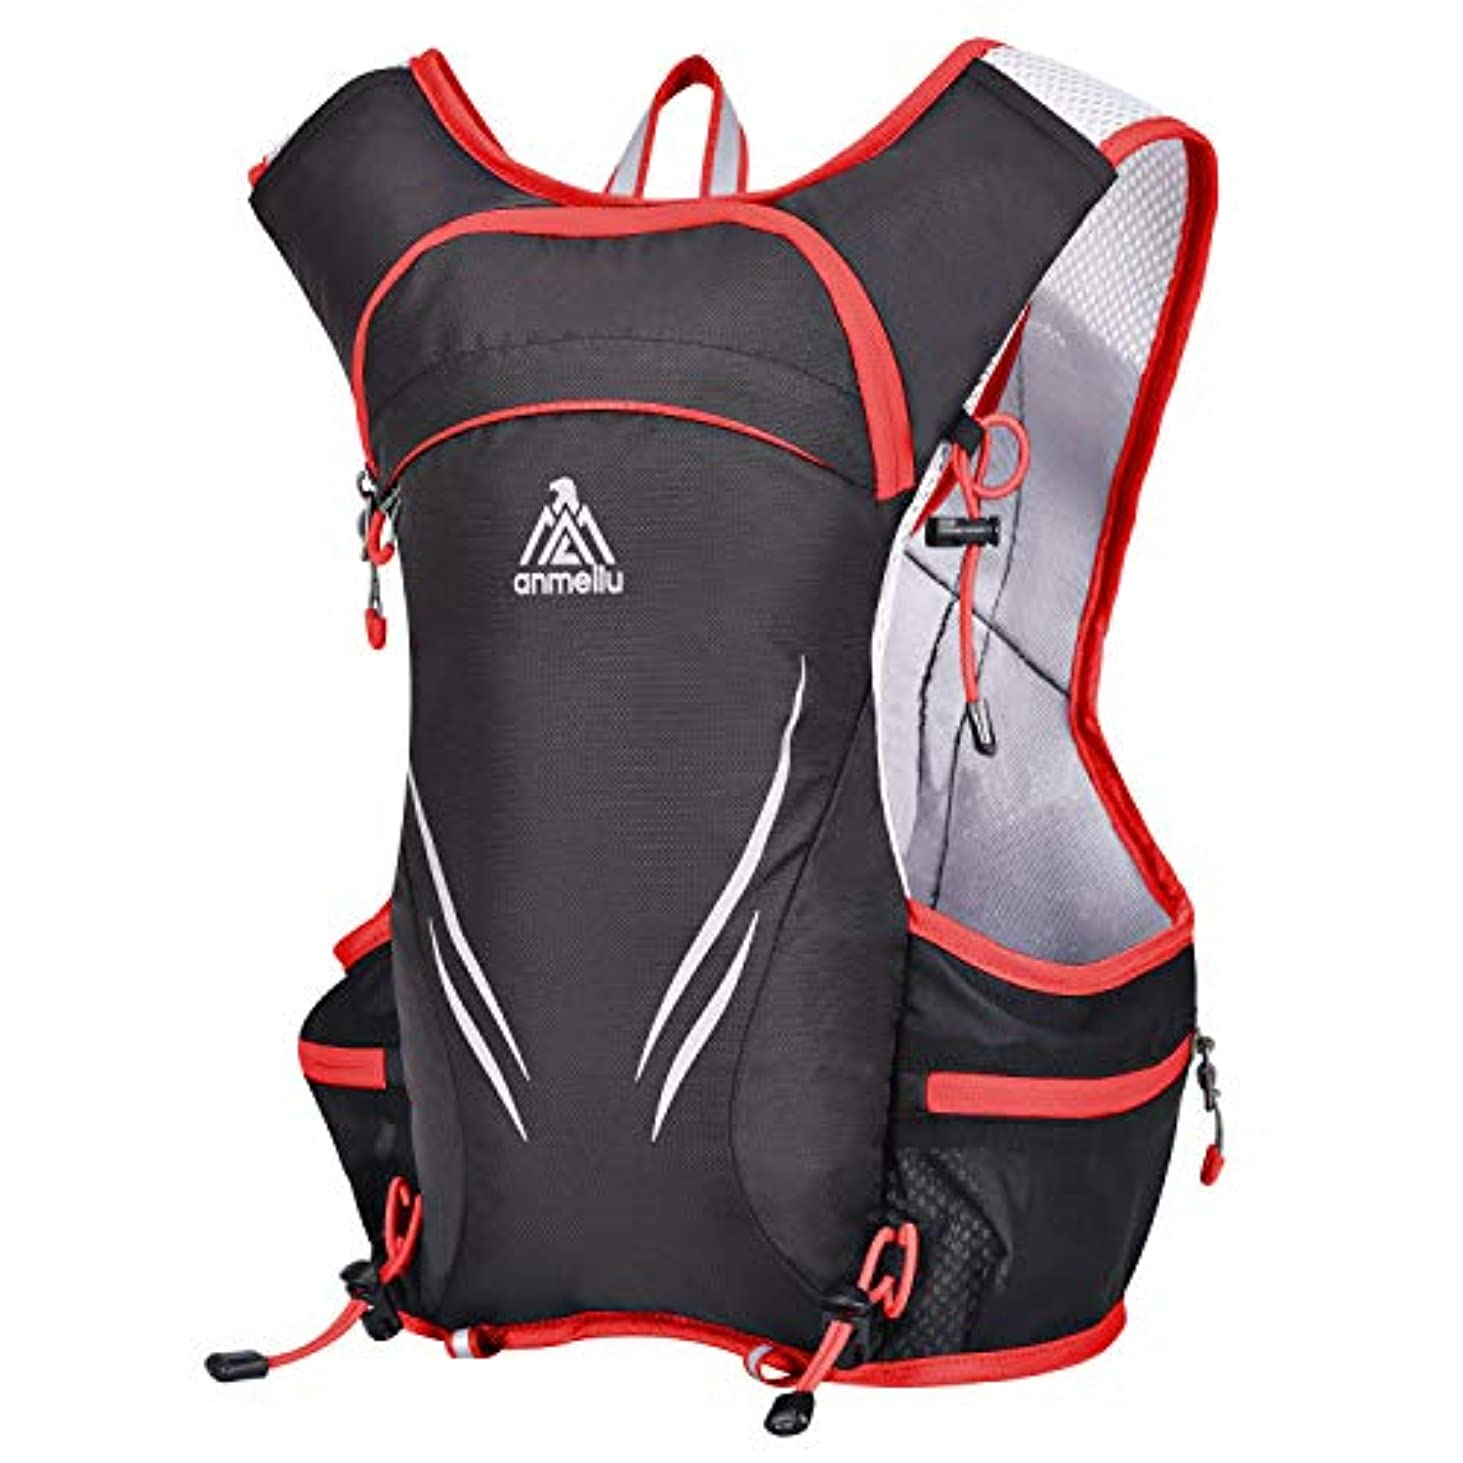 リベラル変装ブースパラディニア(Paladineer) ハイドレーションバッグ ランニングバッグ 5L 揺れにくい ナイロン 撥水 マラソン サイクリング 登山 自転車バックパック 光反射